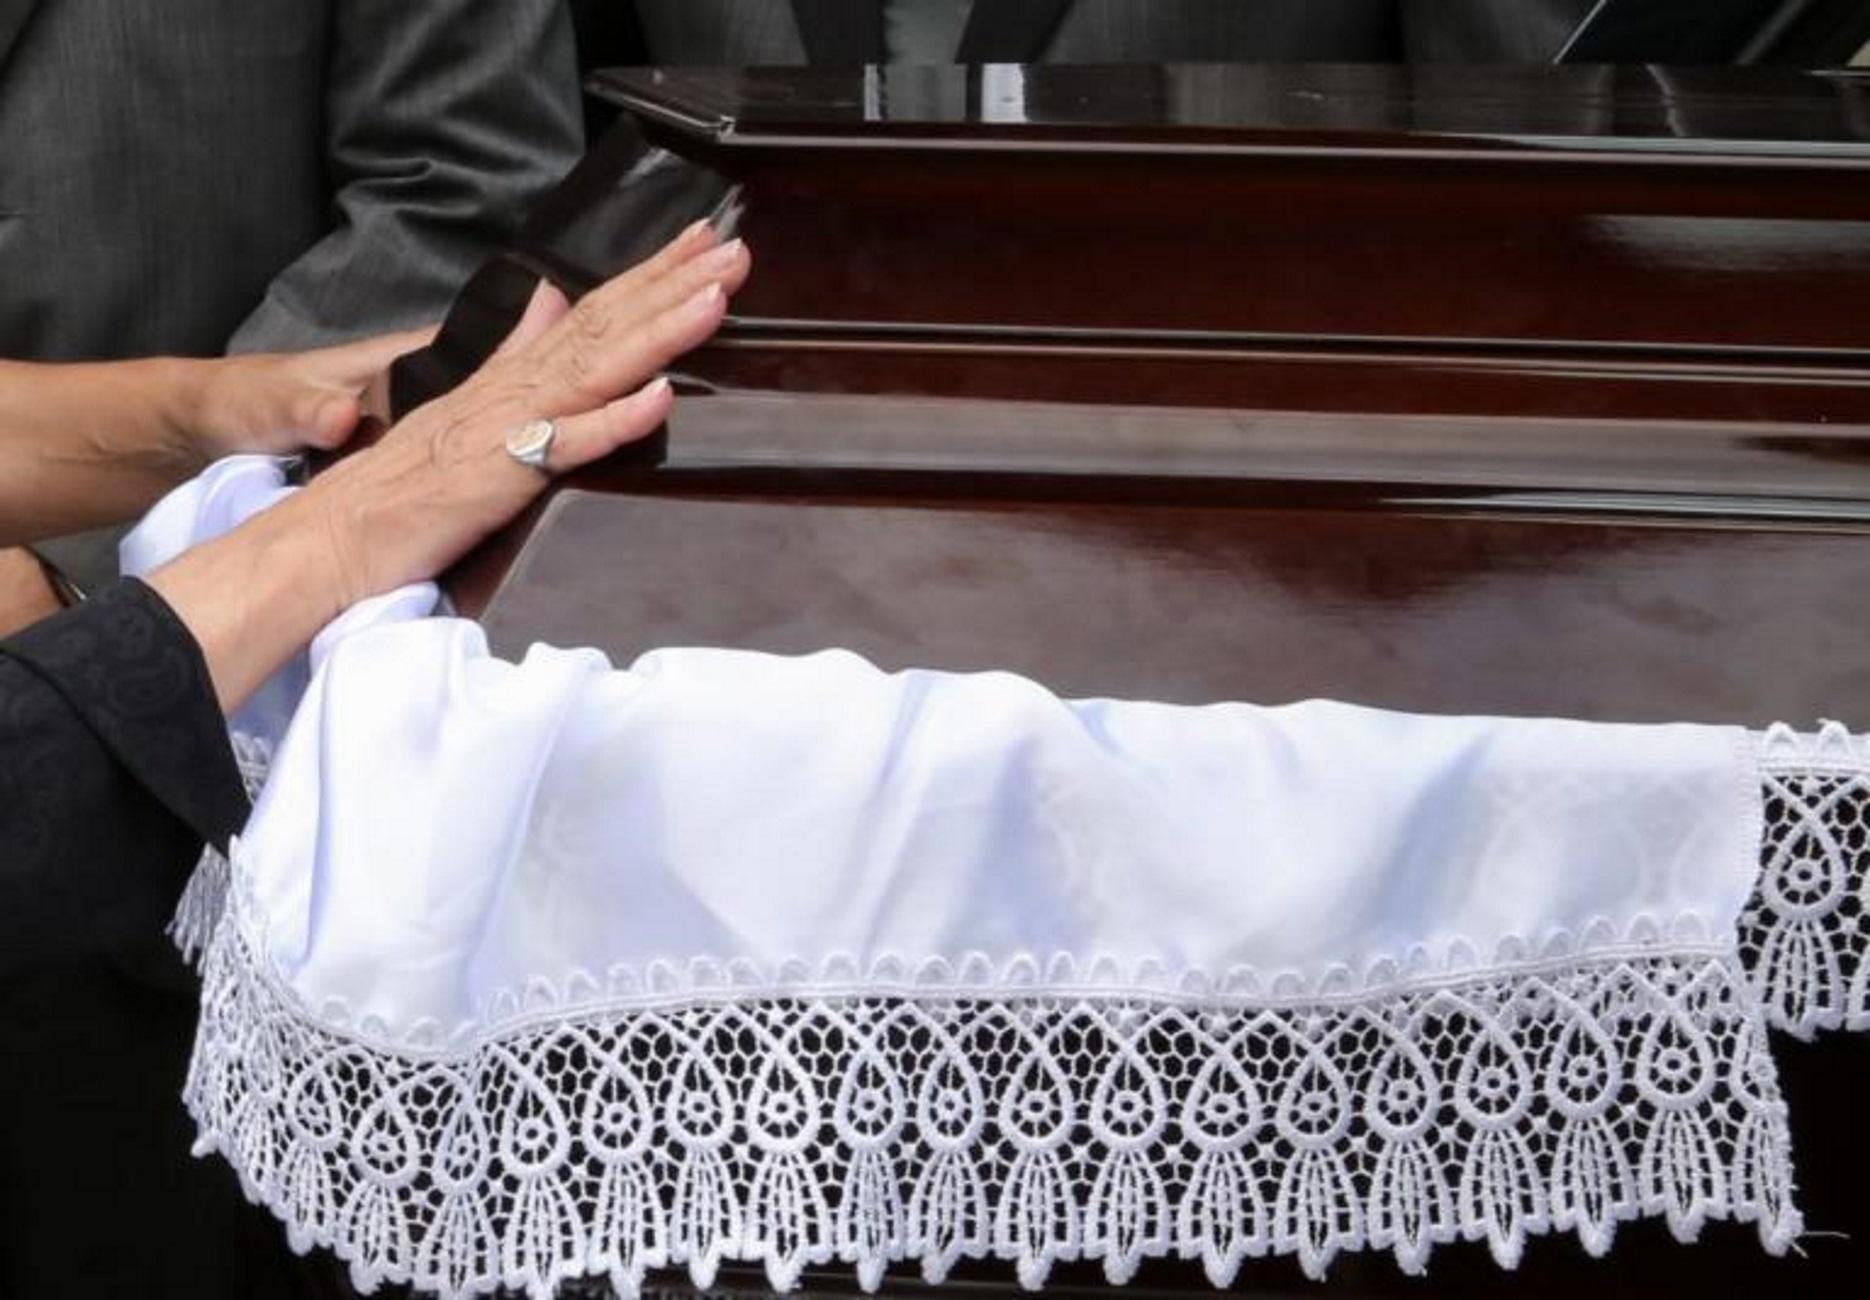 , Λάρισα: Σπαραγμός για τον θάνατο πατέρα βρέφους σε τροχαίο! Στα μαύρα ένα ολόκληρο χωριό, Eviathema.gr | ΕΥΒΟΙΑ ΝΕΑ - Νέα και ειδήσεις από όλη την Εύβοια